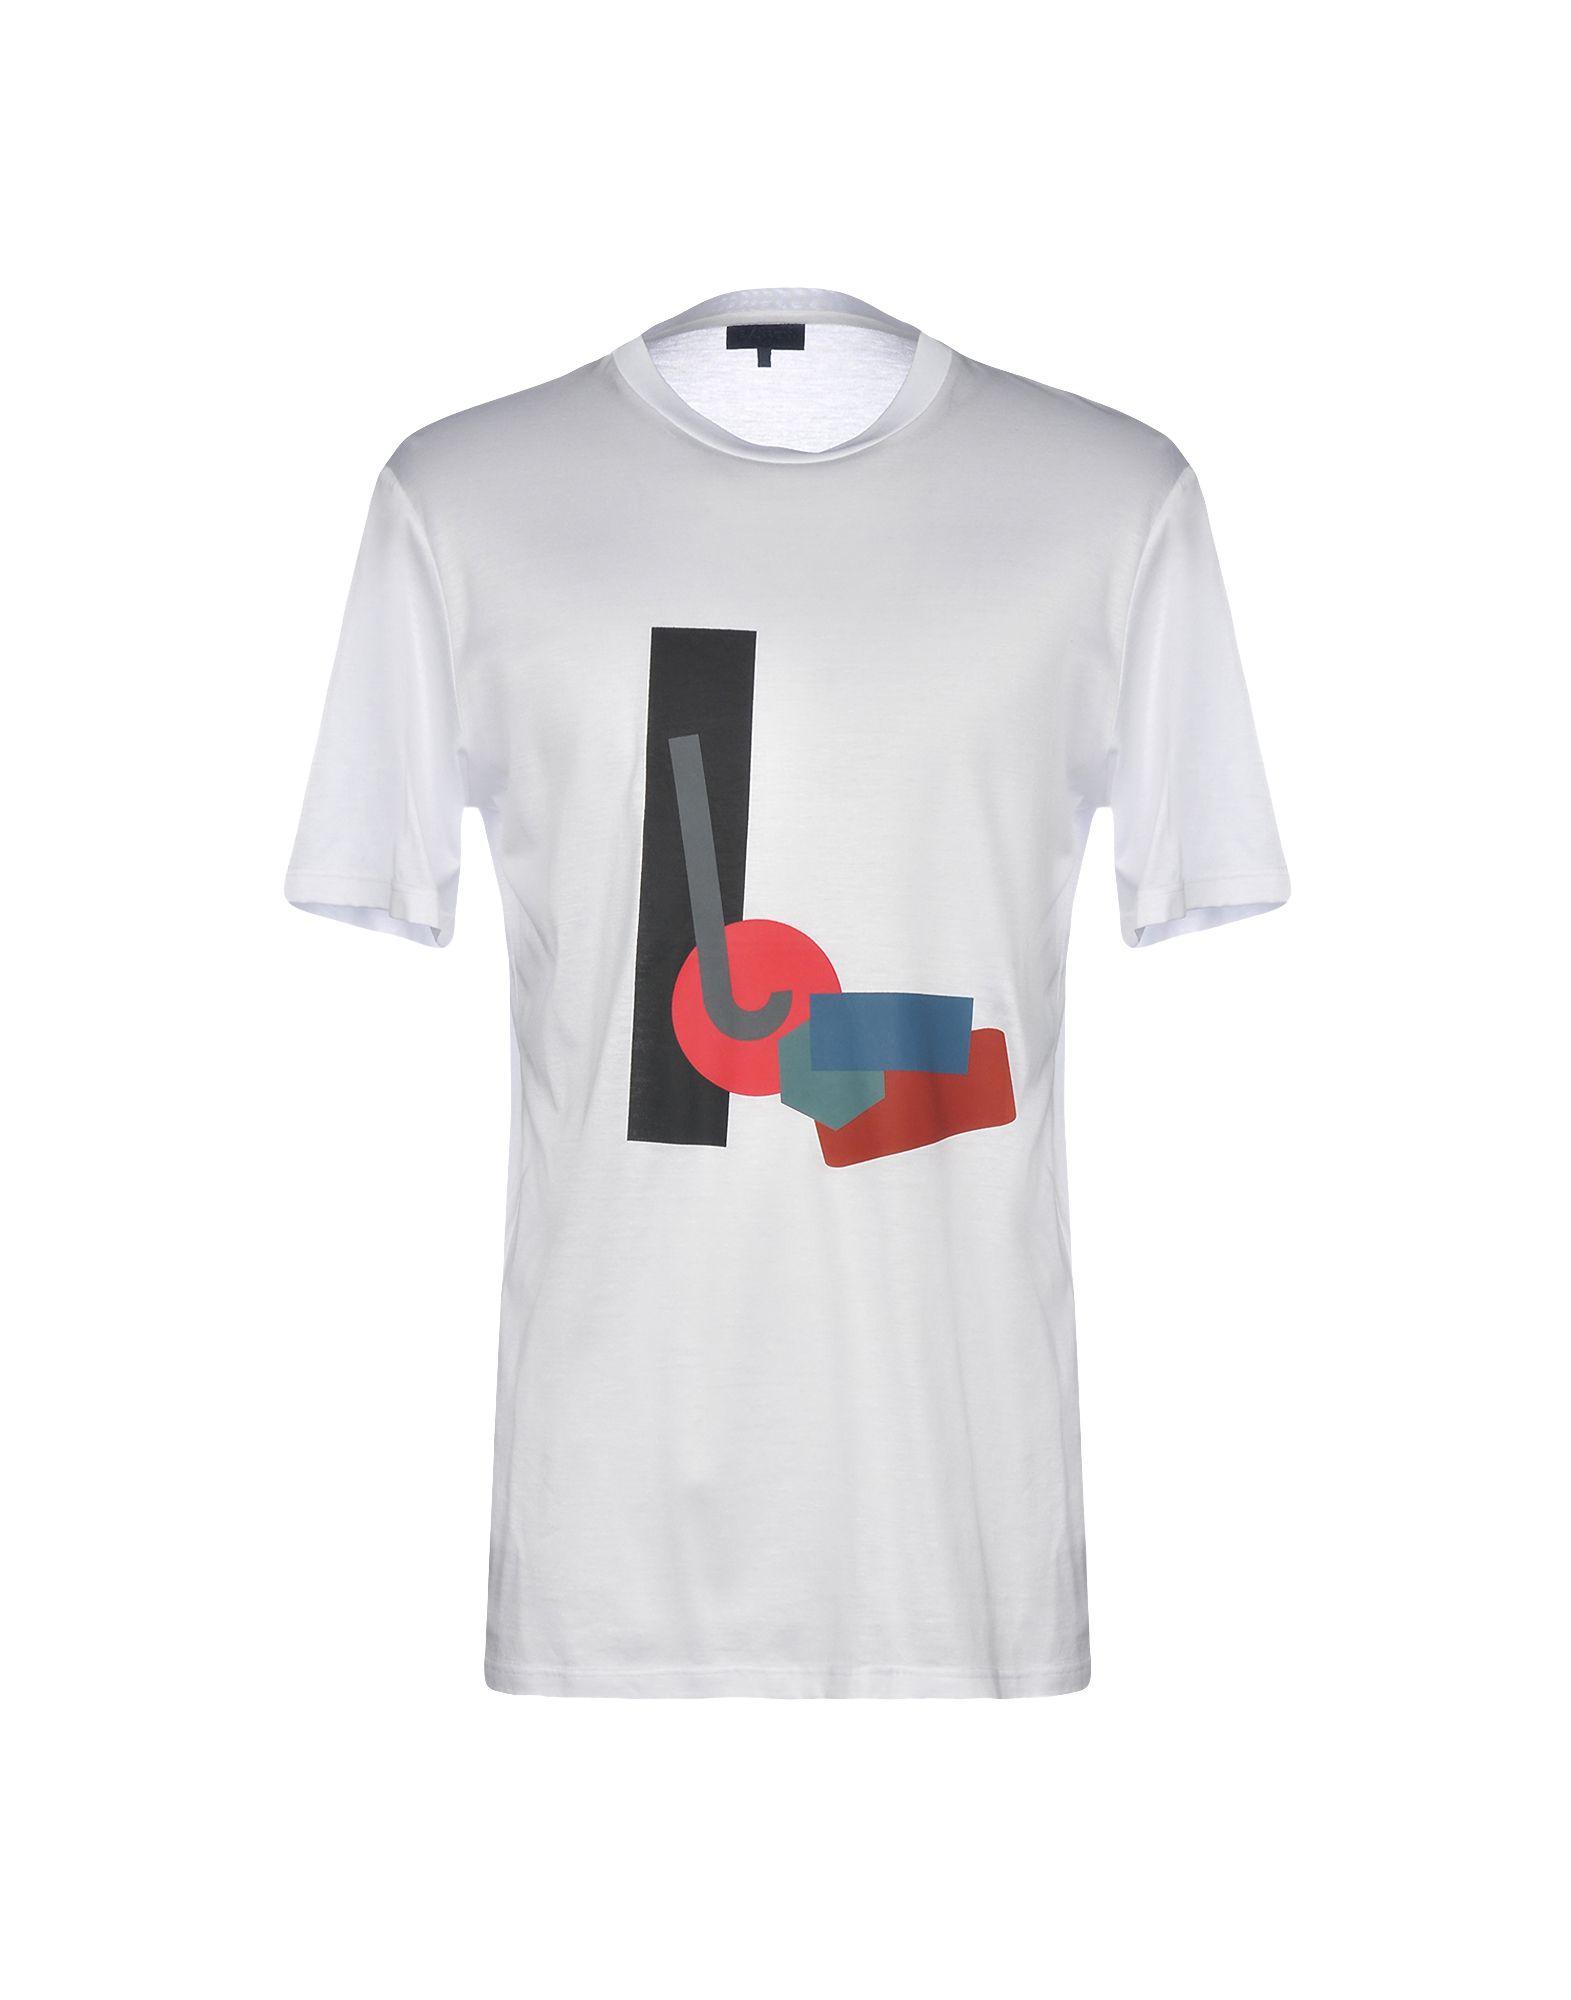 《送料無料》LANVIN メンズ T シャツ ホワイト M 100% コットン